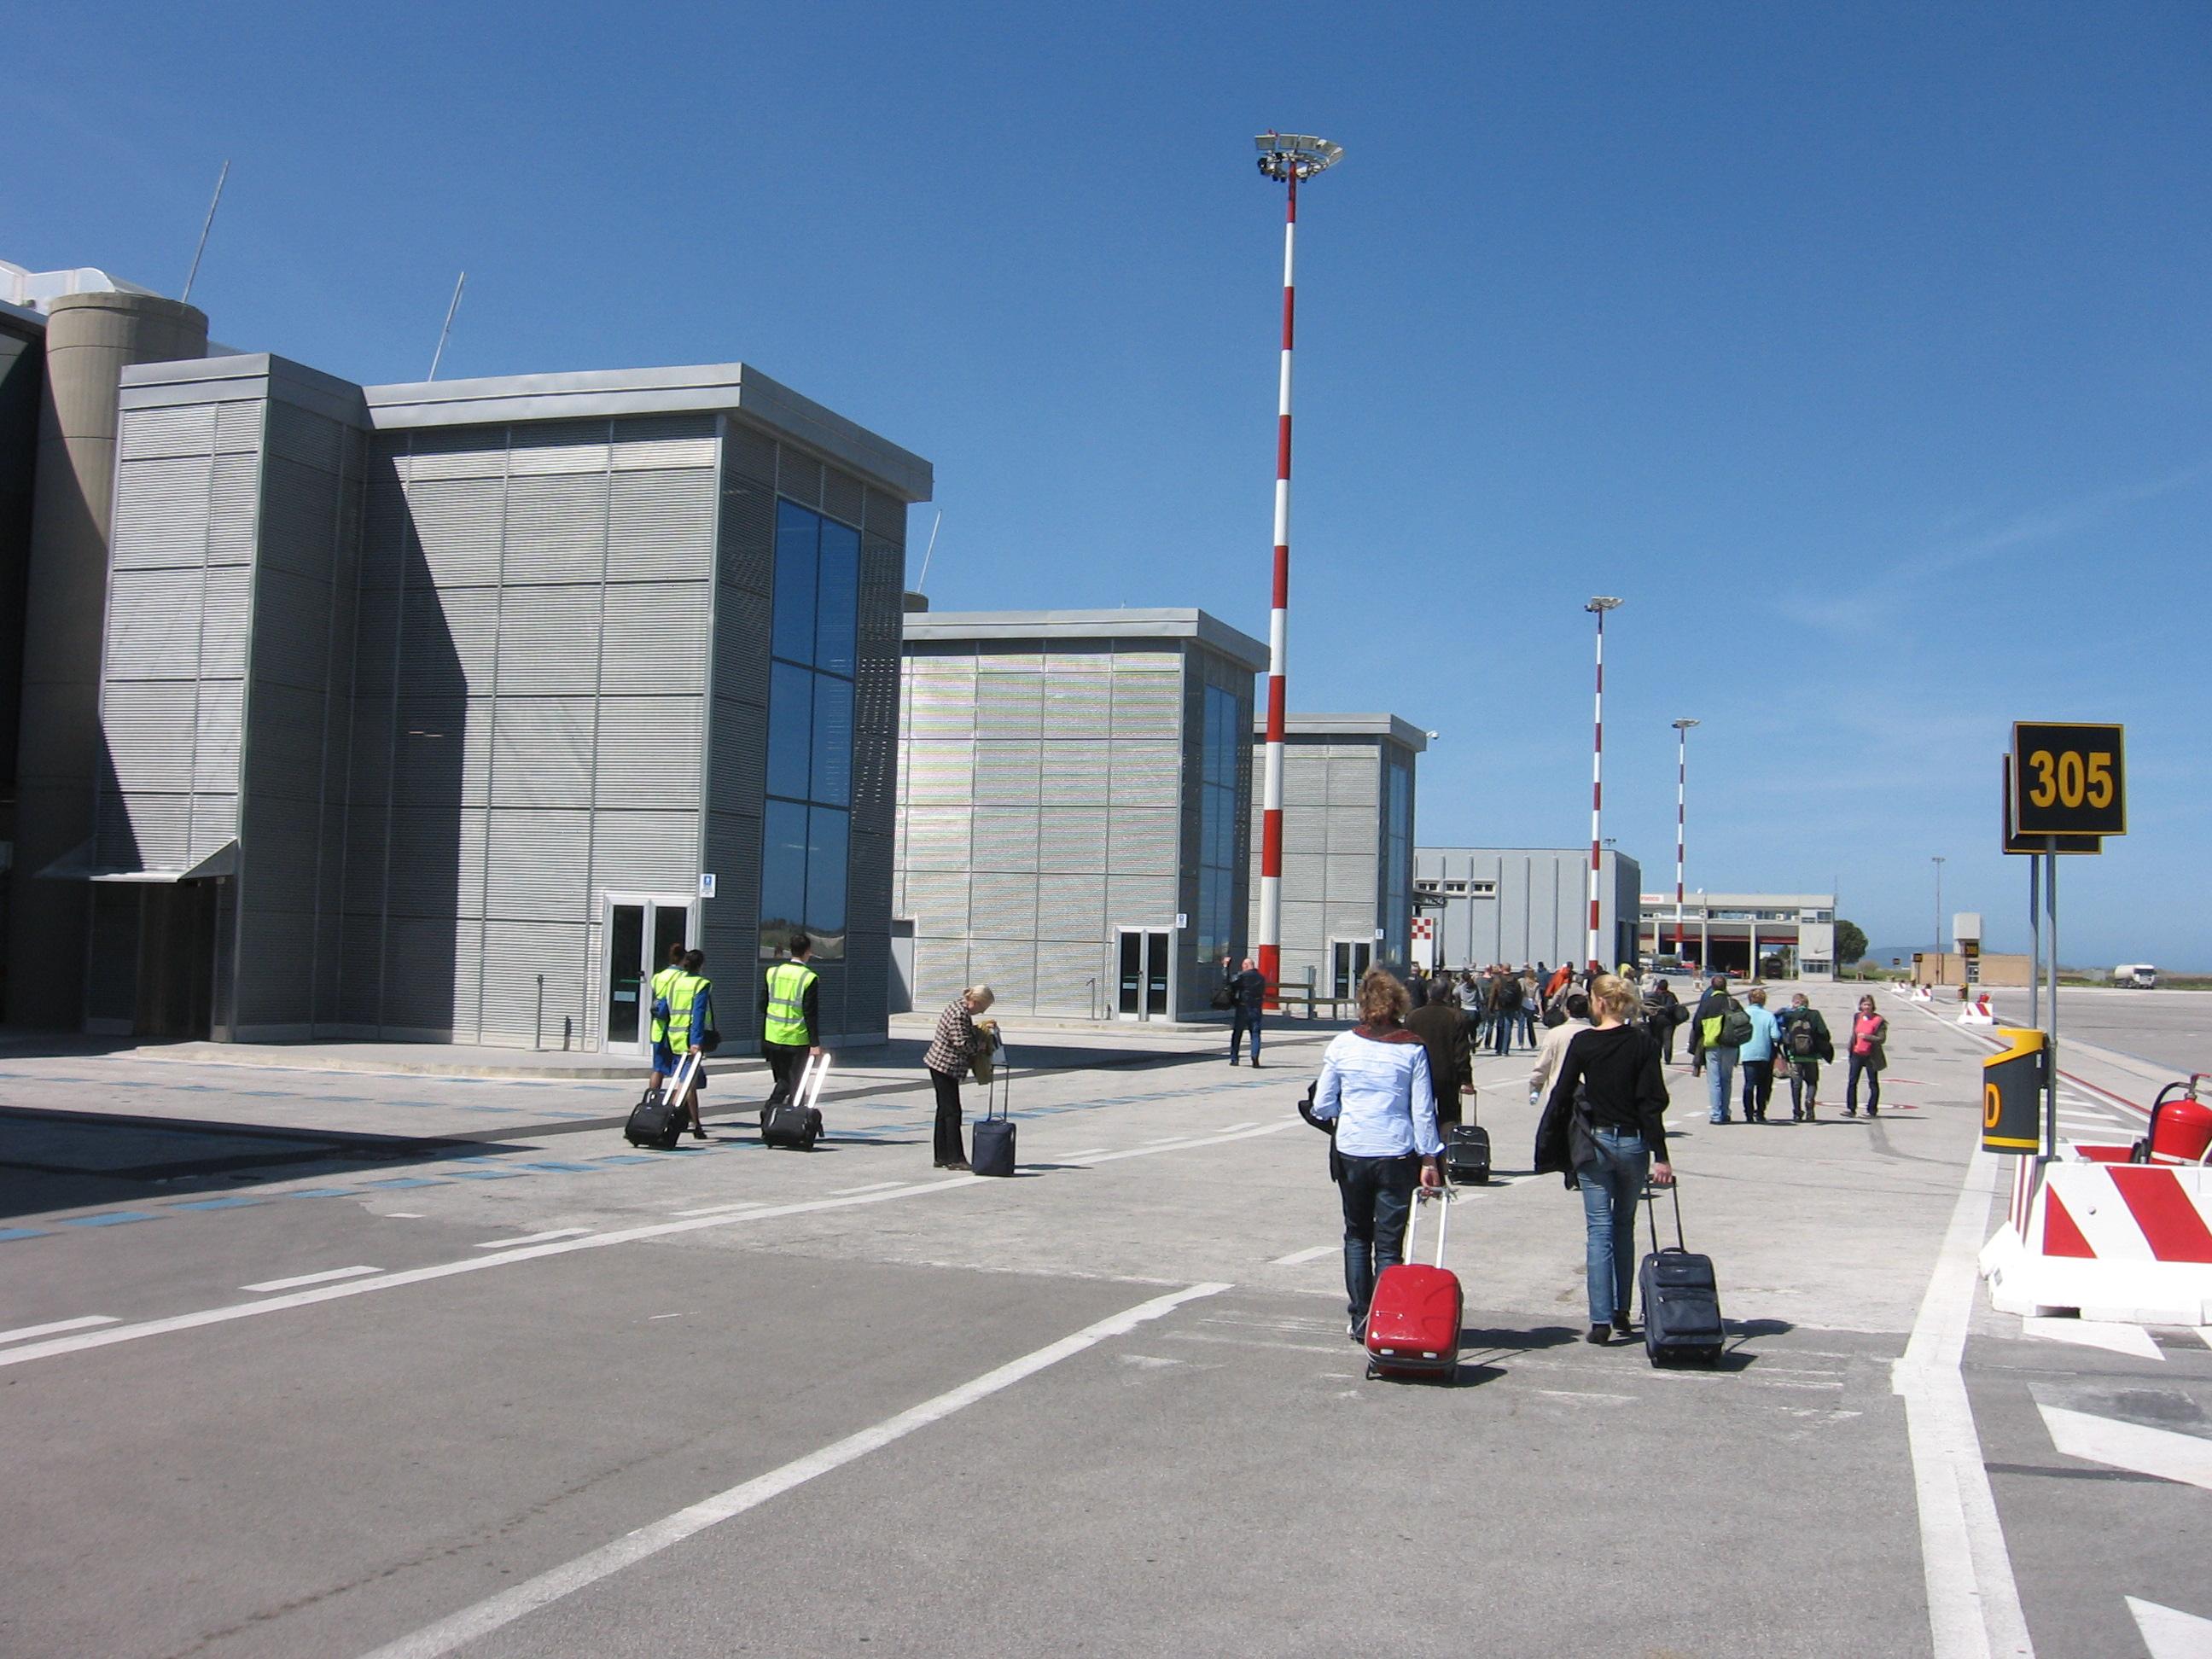 Scontro fra Trapani e Palermo per accaparrarsi i turisti dopo lo stop ai voli su Birgi